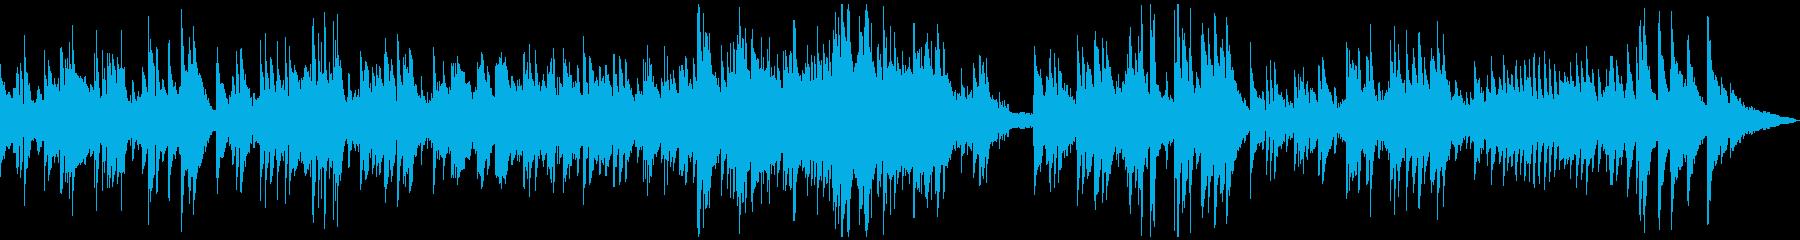 ゆったり温かなアコースティックサウンドの再生済みの波形